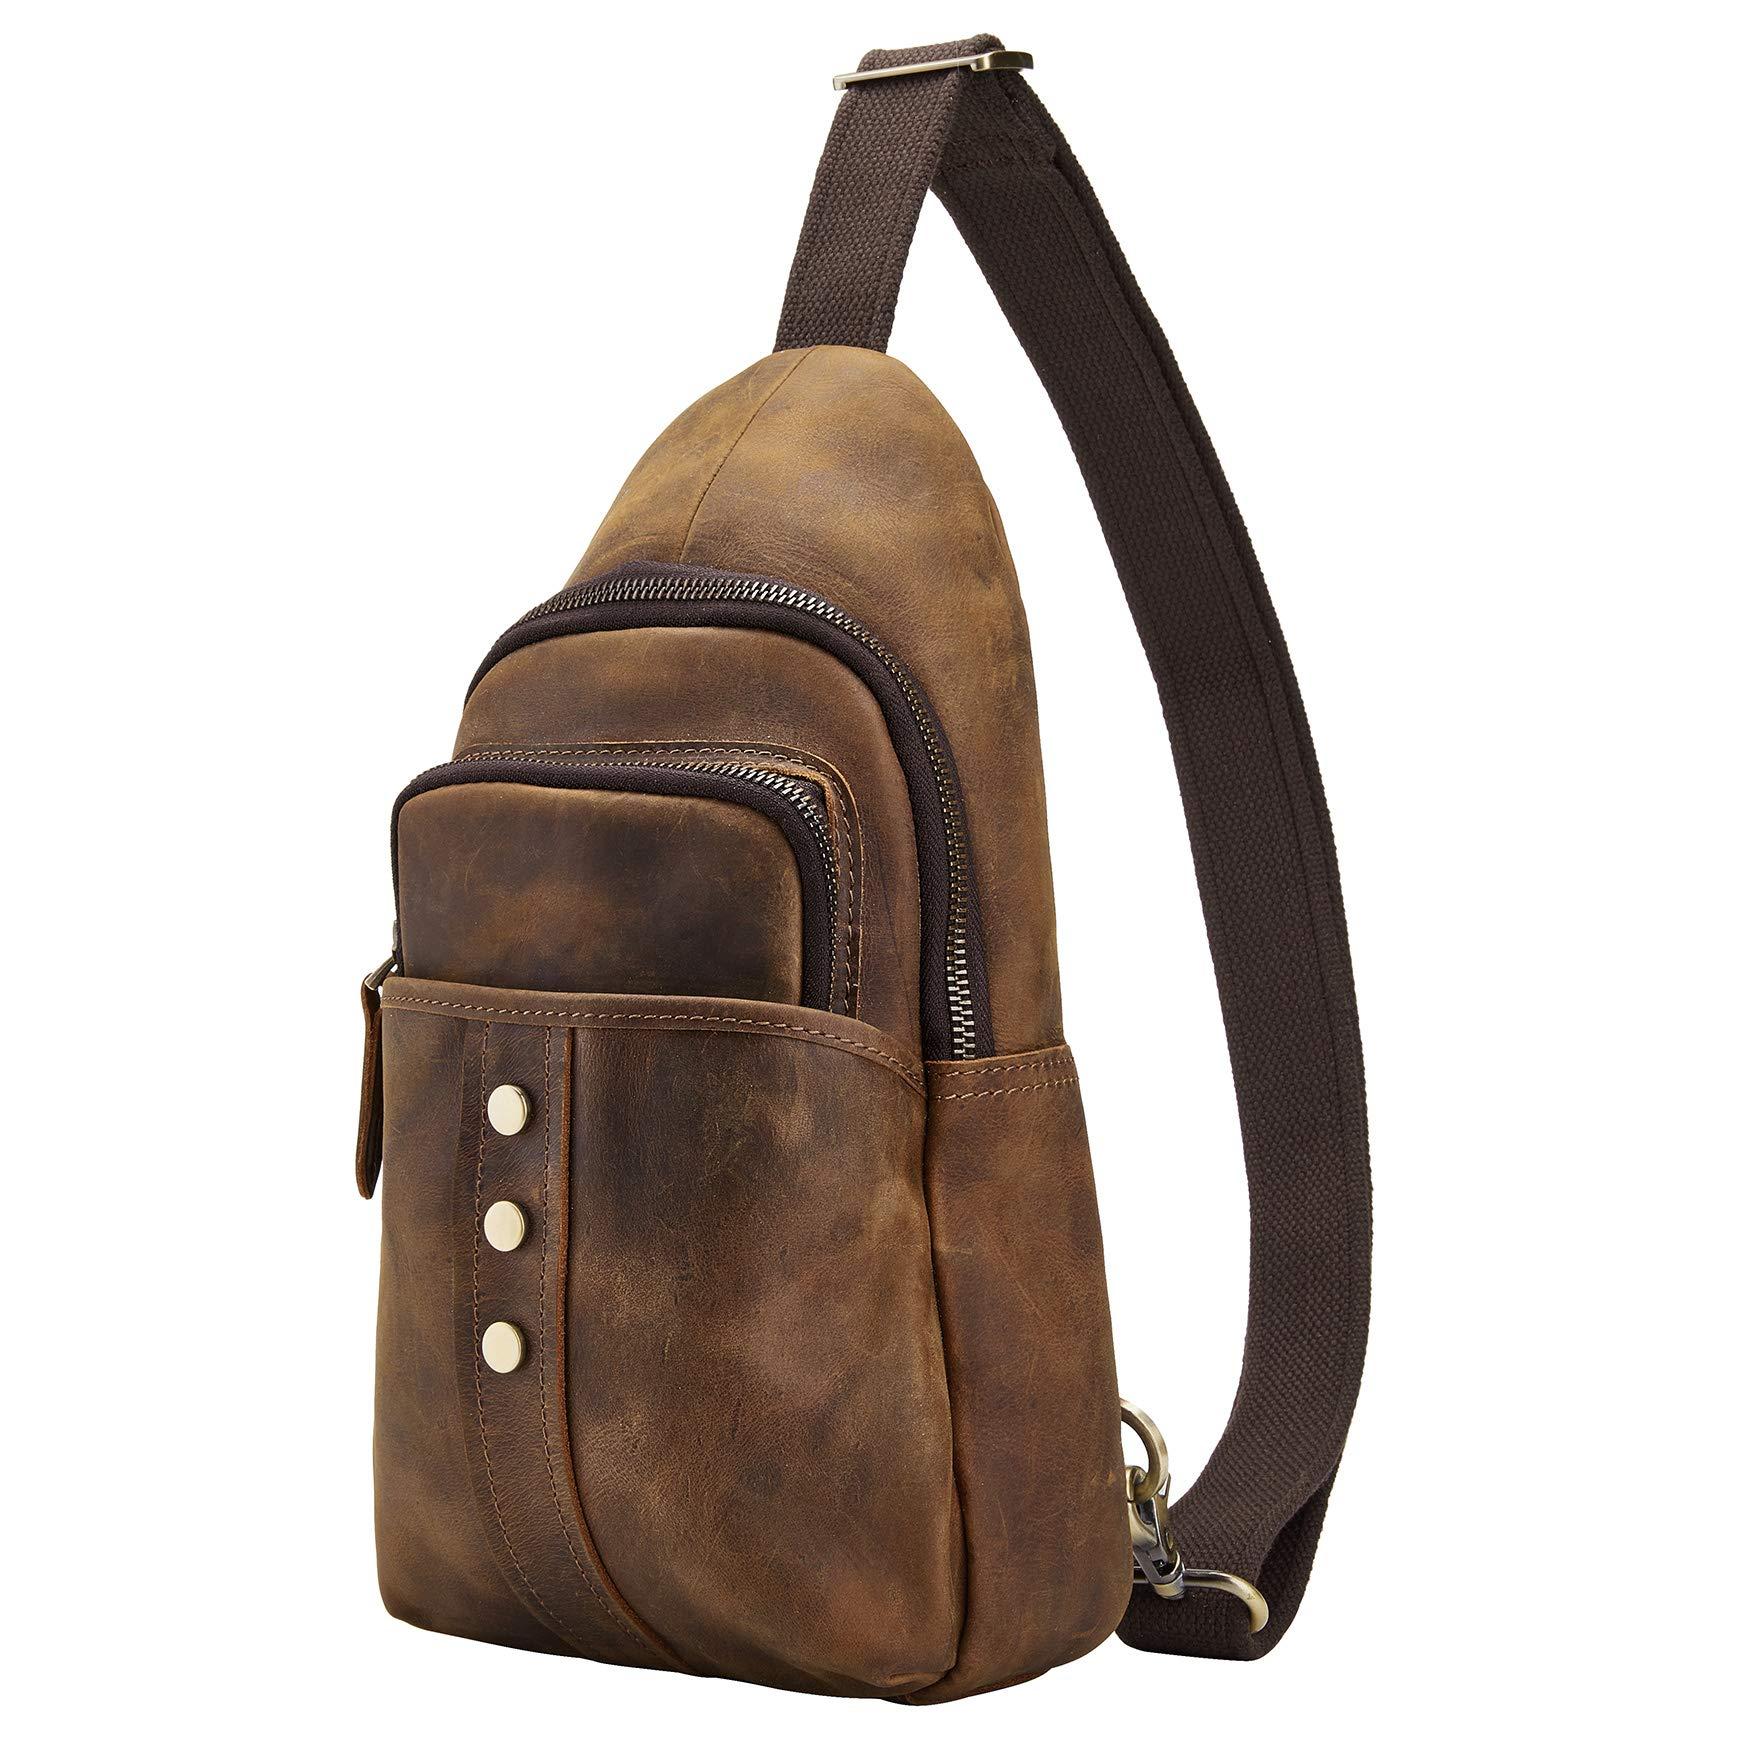 BRASS TACKS Leathercraft Men's Sling Bag Genuine Leather Chest Shoulder Backpack Water Resistant Travel Crossbody Bag (Brown)